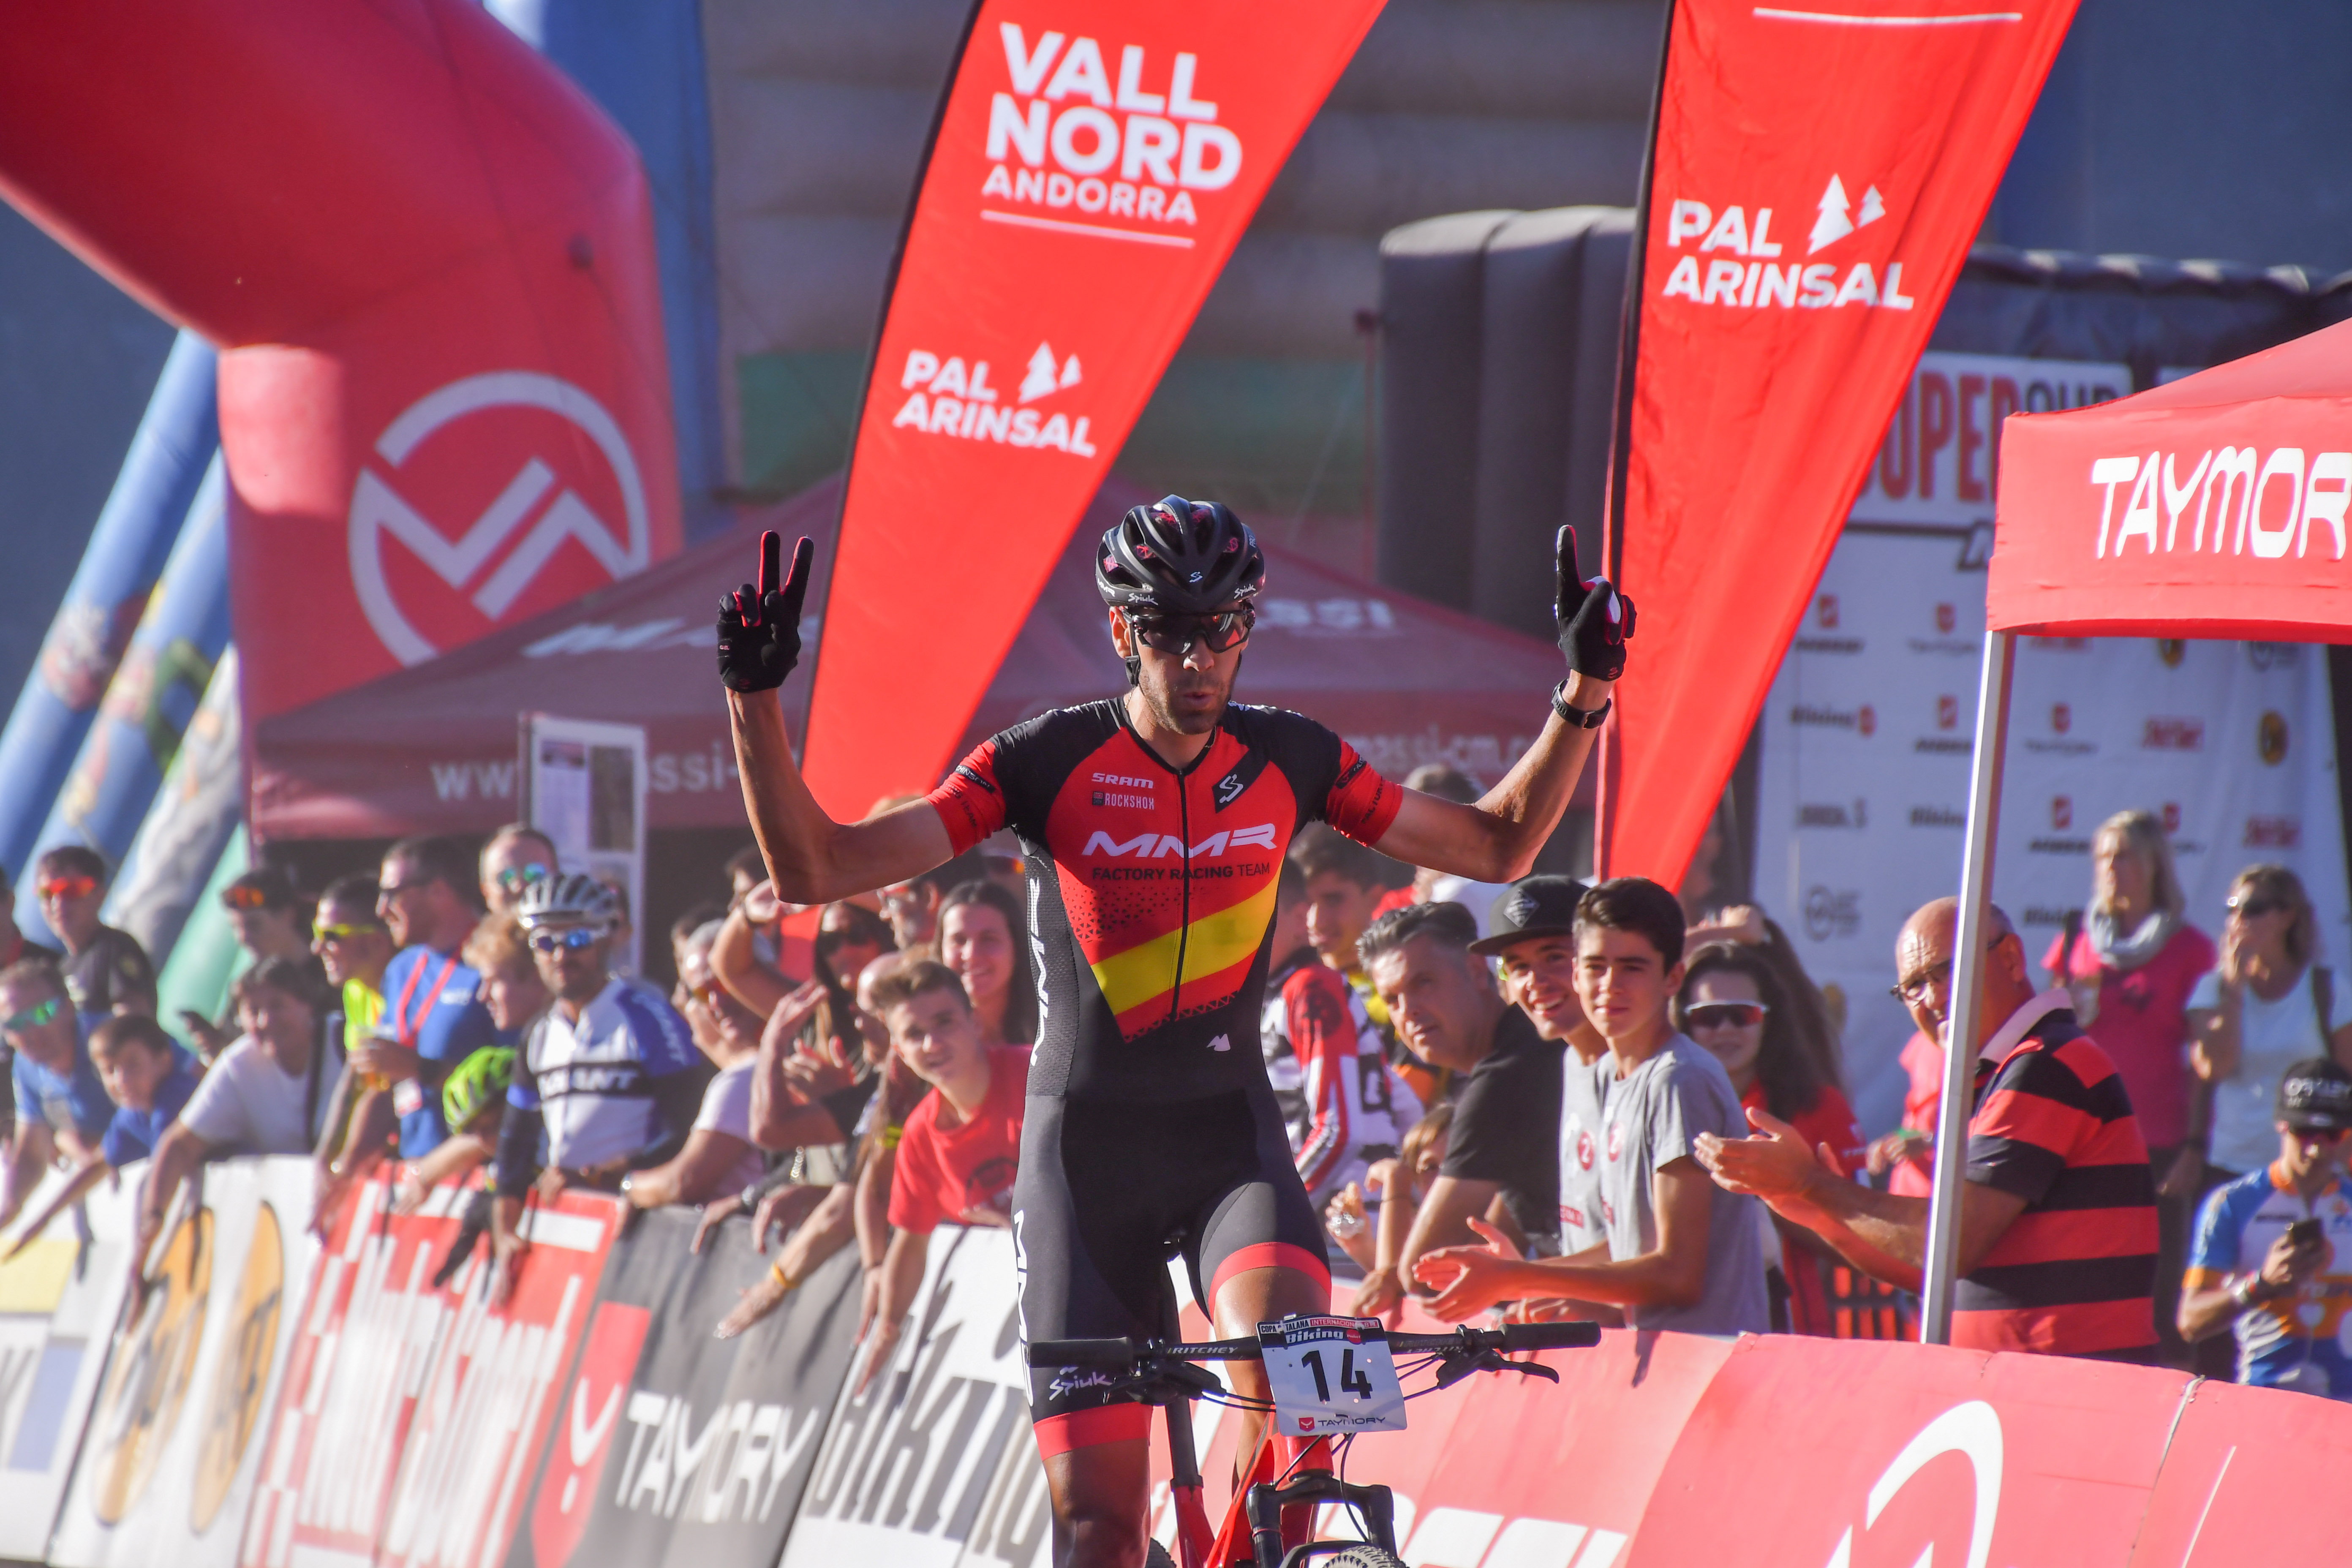 David Valero y Claudia Galicia conquistan Vallnord y la Super Cup Massi